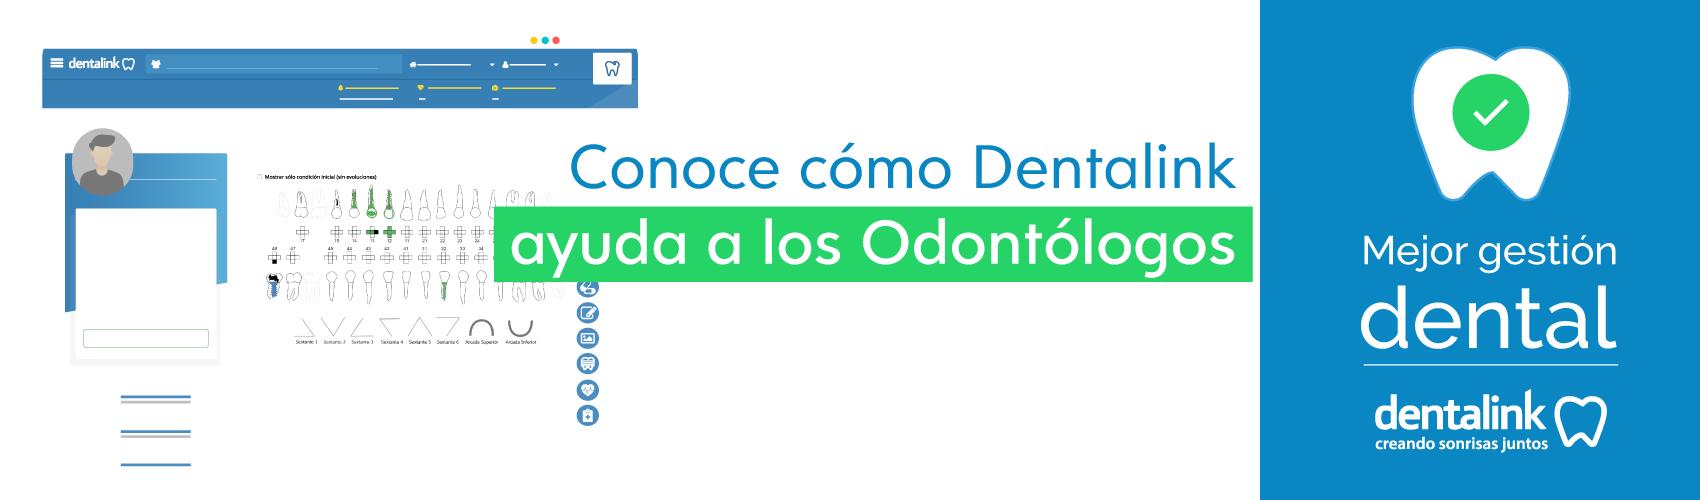 Conoce cómo ayuda Dentalink a los Odontólogos